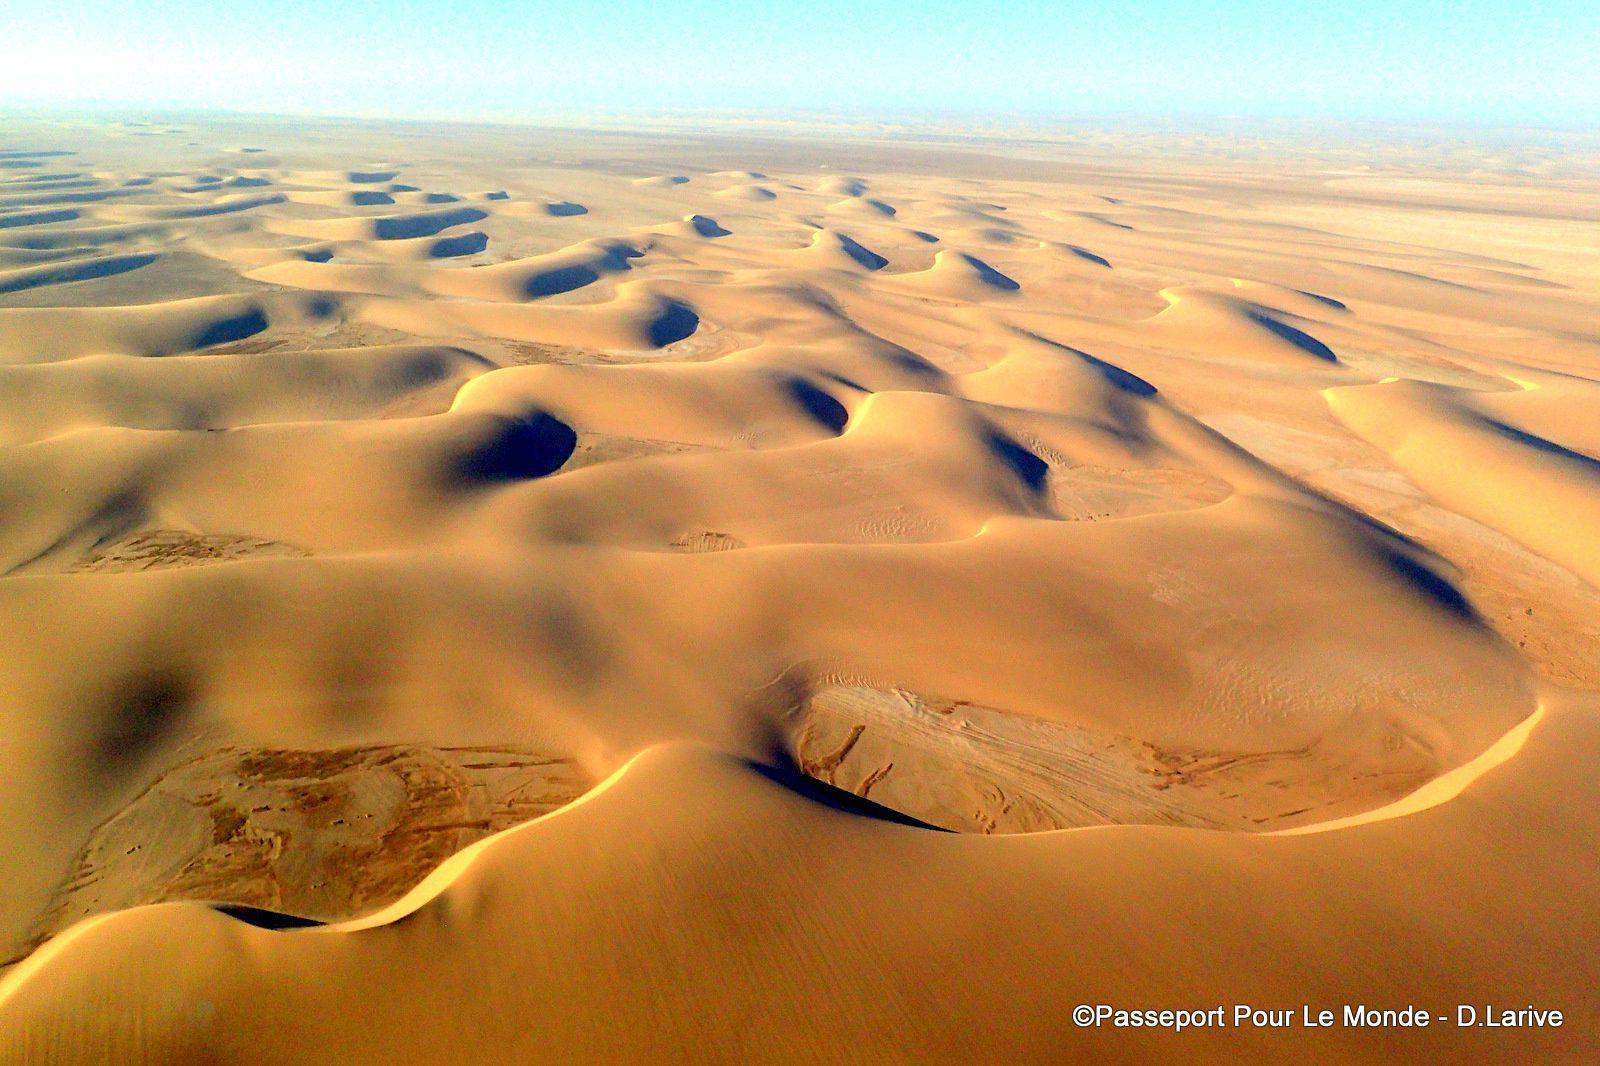 Le désert du Namib : le plus vieux désert du monde, d'une grande beauté